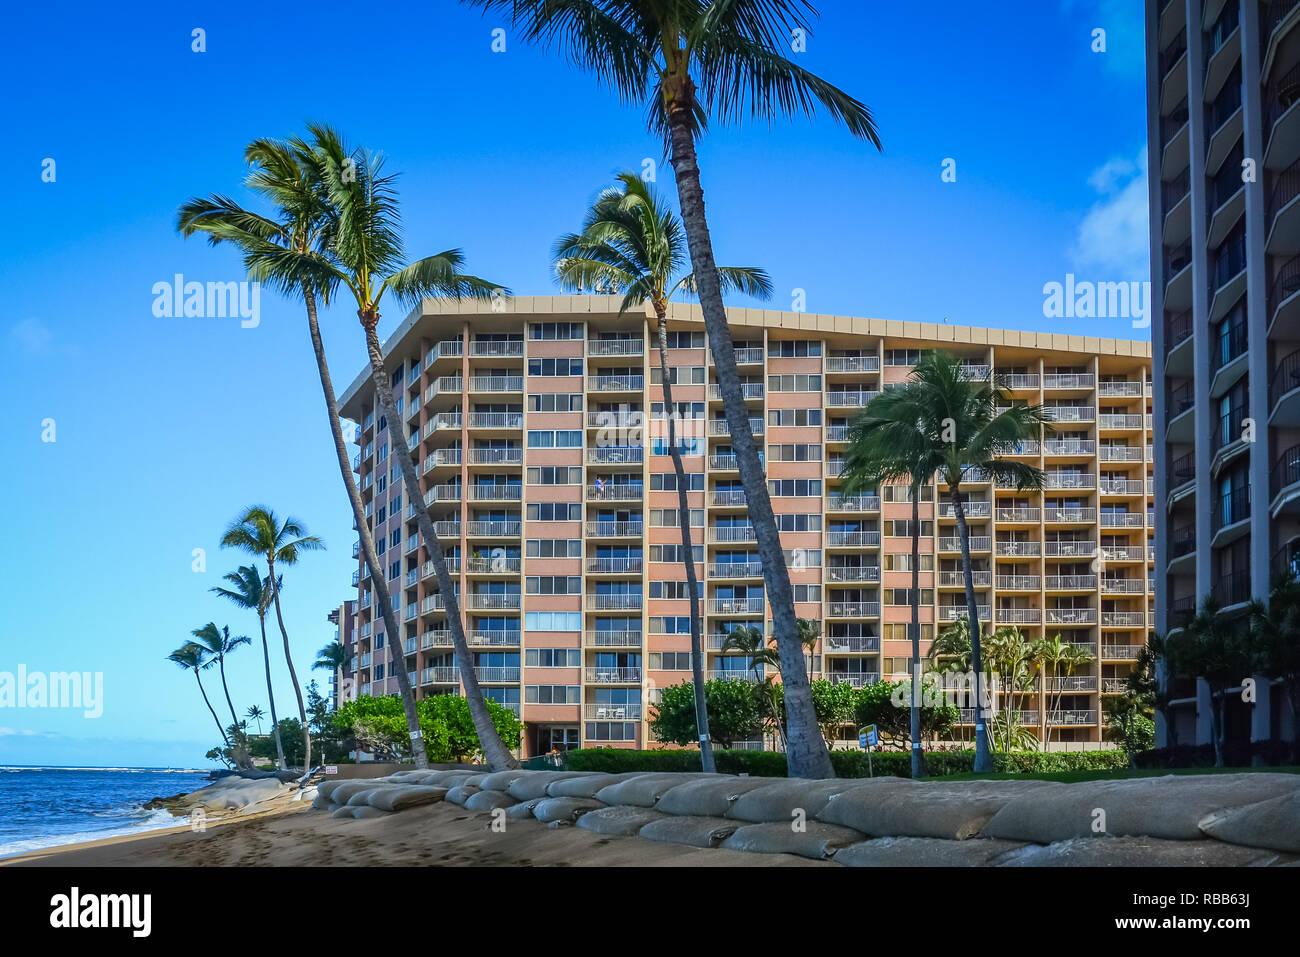 Adorable Kahana Beach en Maui, Hawai. Situado entre Kaanapali y Kapalua, en la costa noroeste. Gran vista de Molokai a través del agua Foto de stock